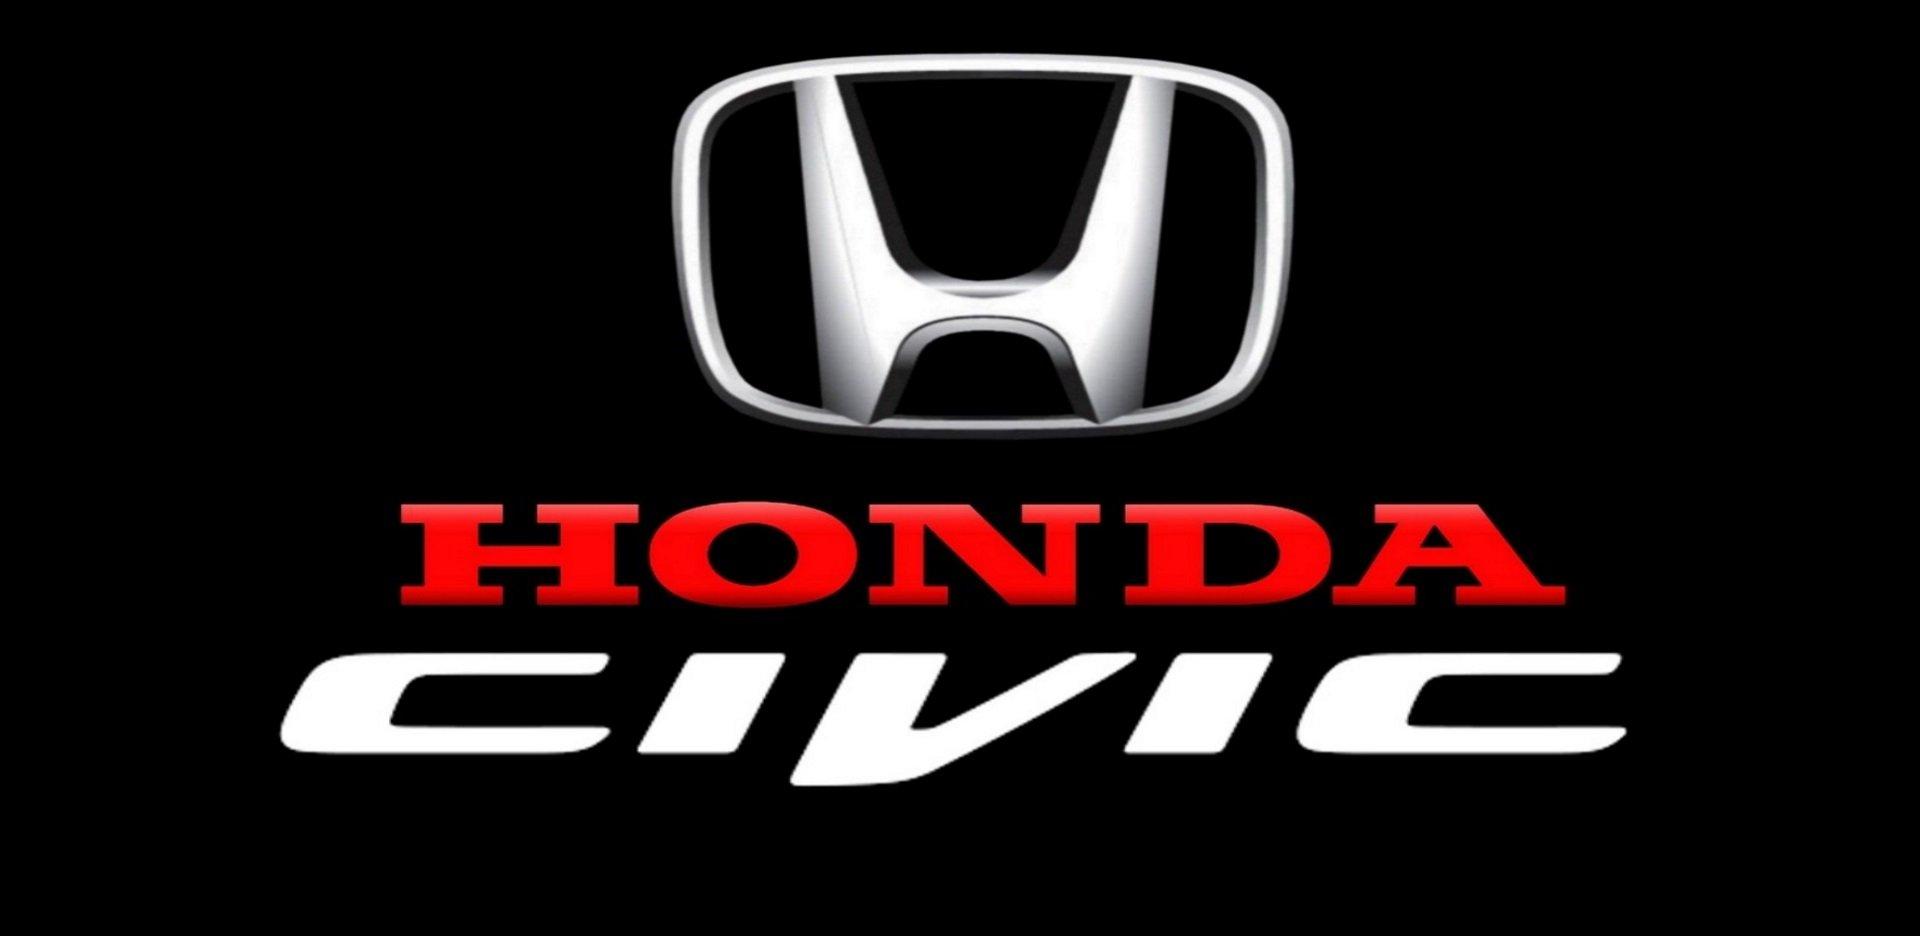 honda civic logo car insurance info rh carinsurancecost info civic logon civil logo